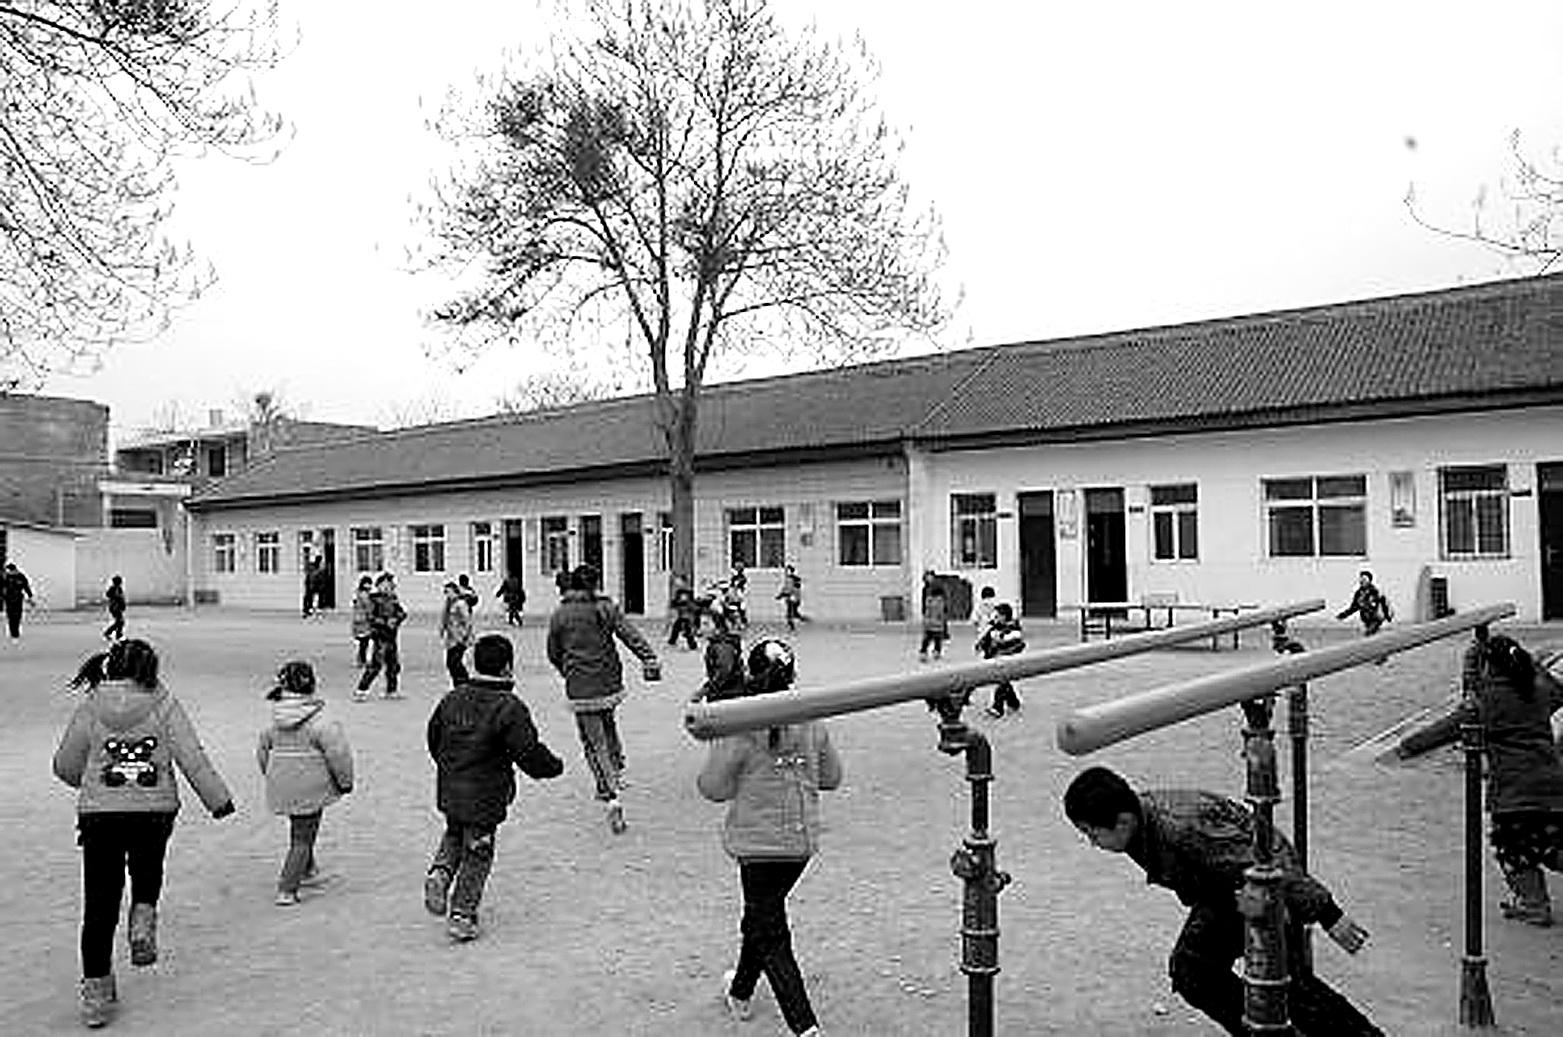 旧学校 简笔画